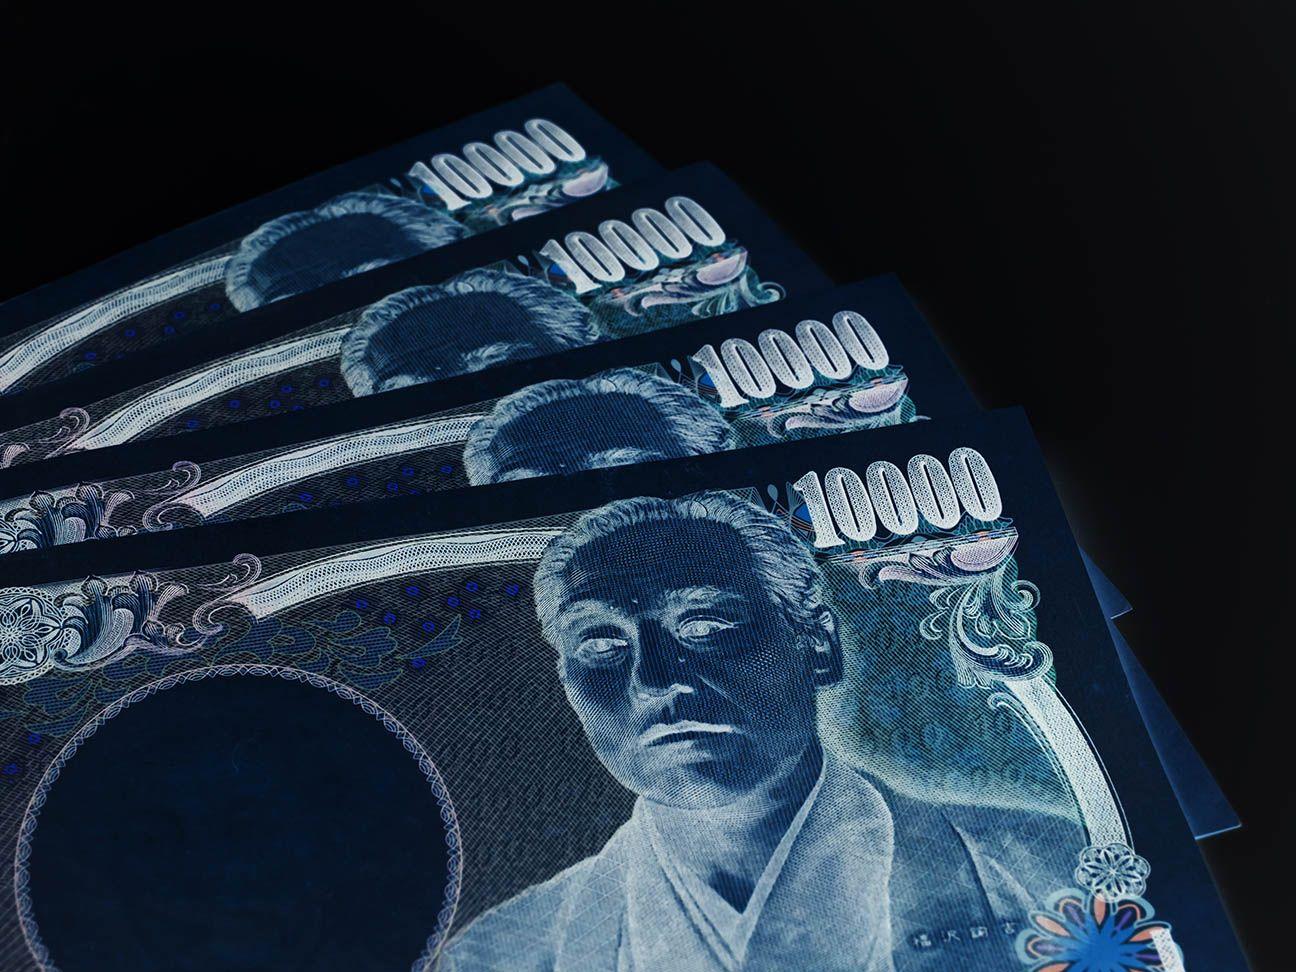 Tasas de cambio del yen